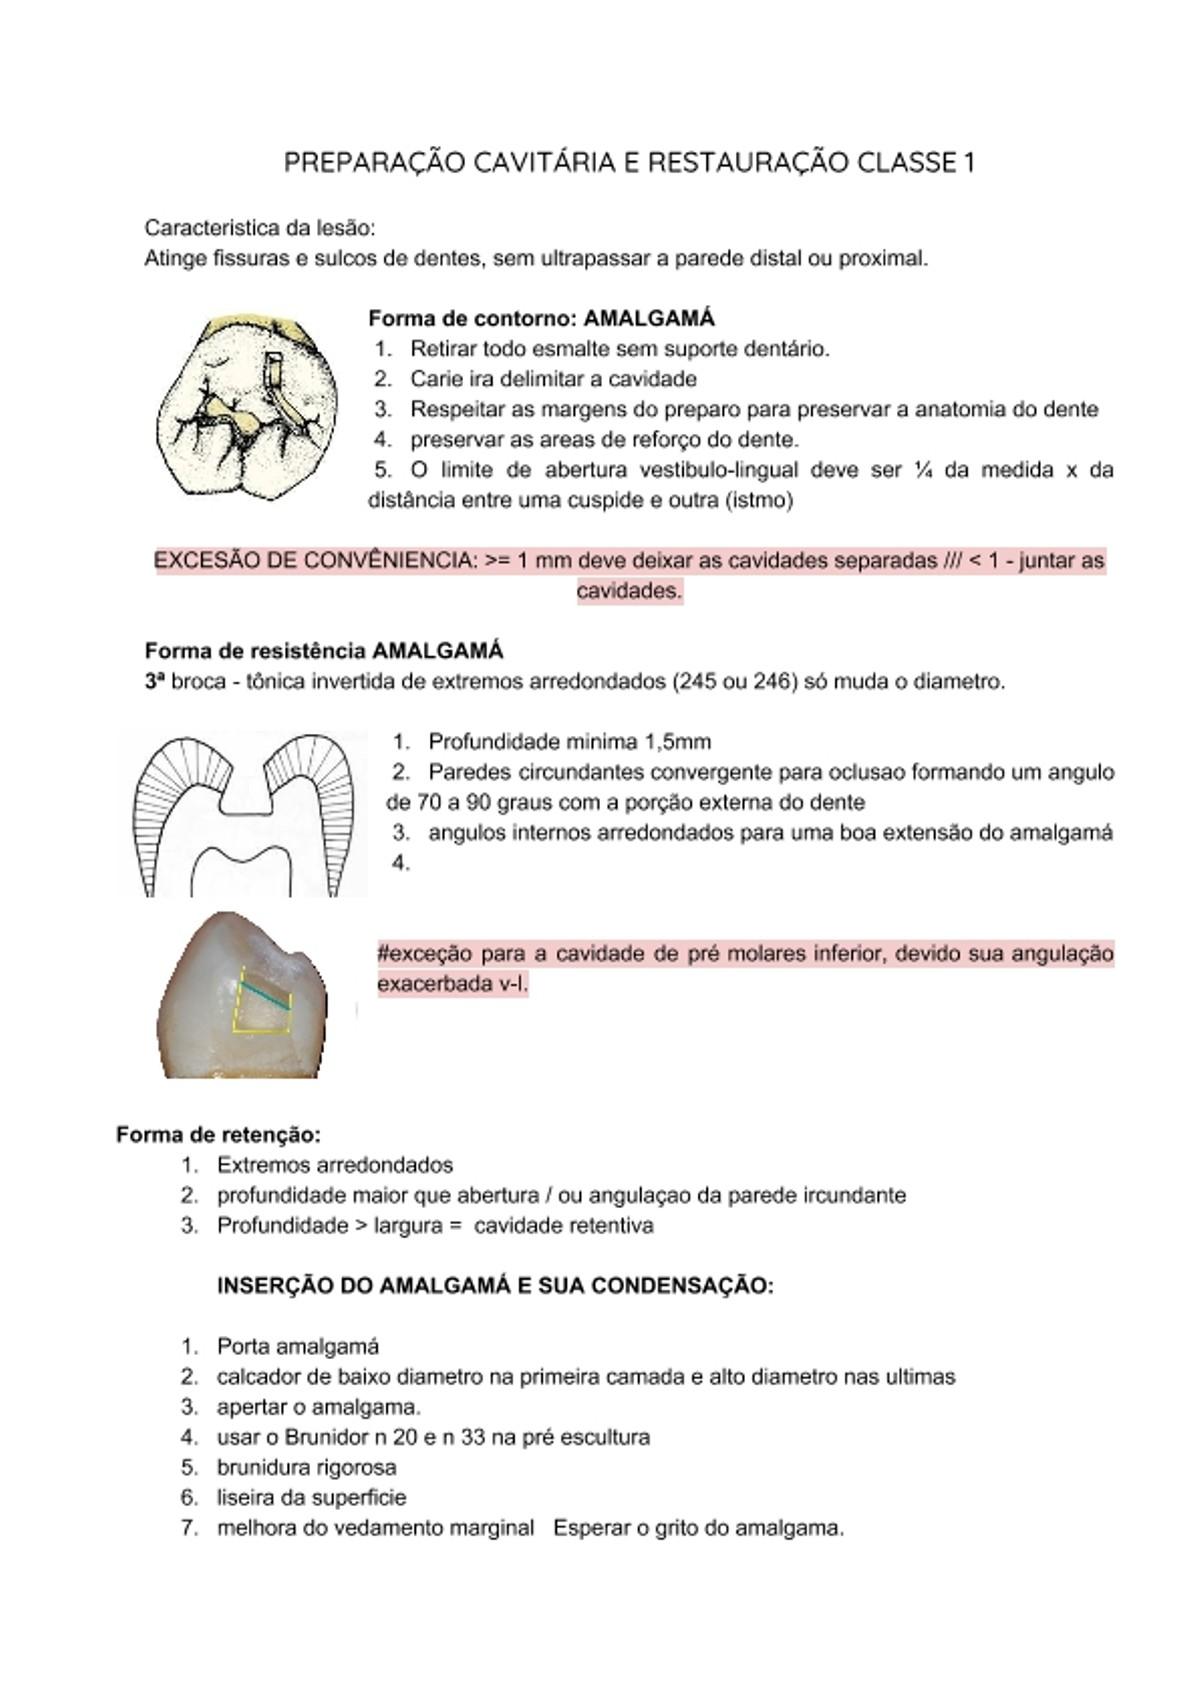 Pre-visualização do material PREPARAÇÃO CAVITÁRIA E RESTAURAÇÃO CLASSE 1 - página 1